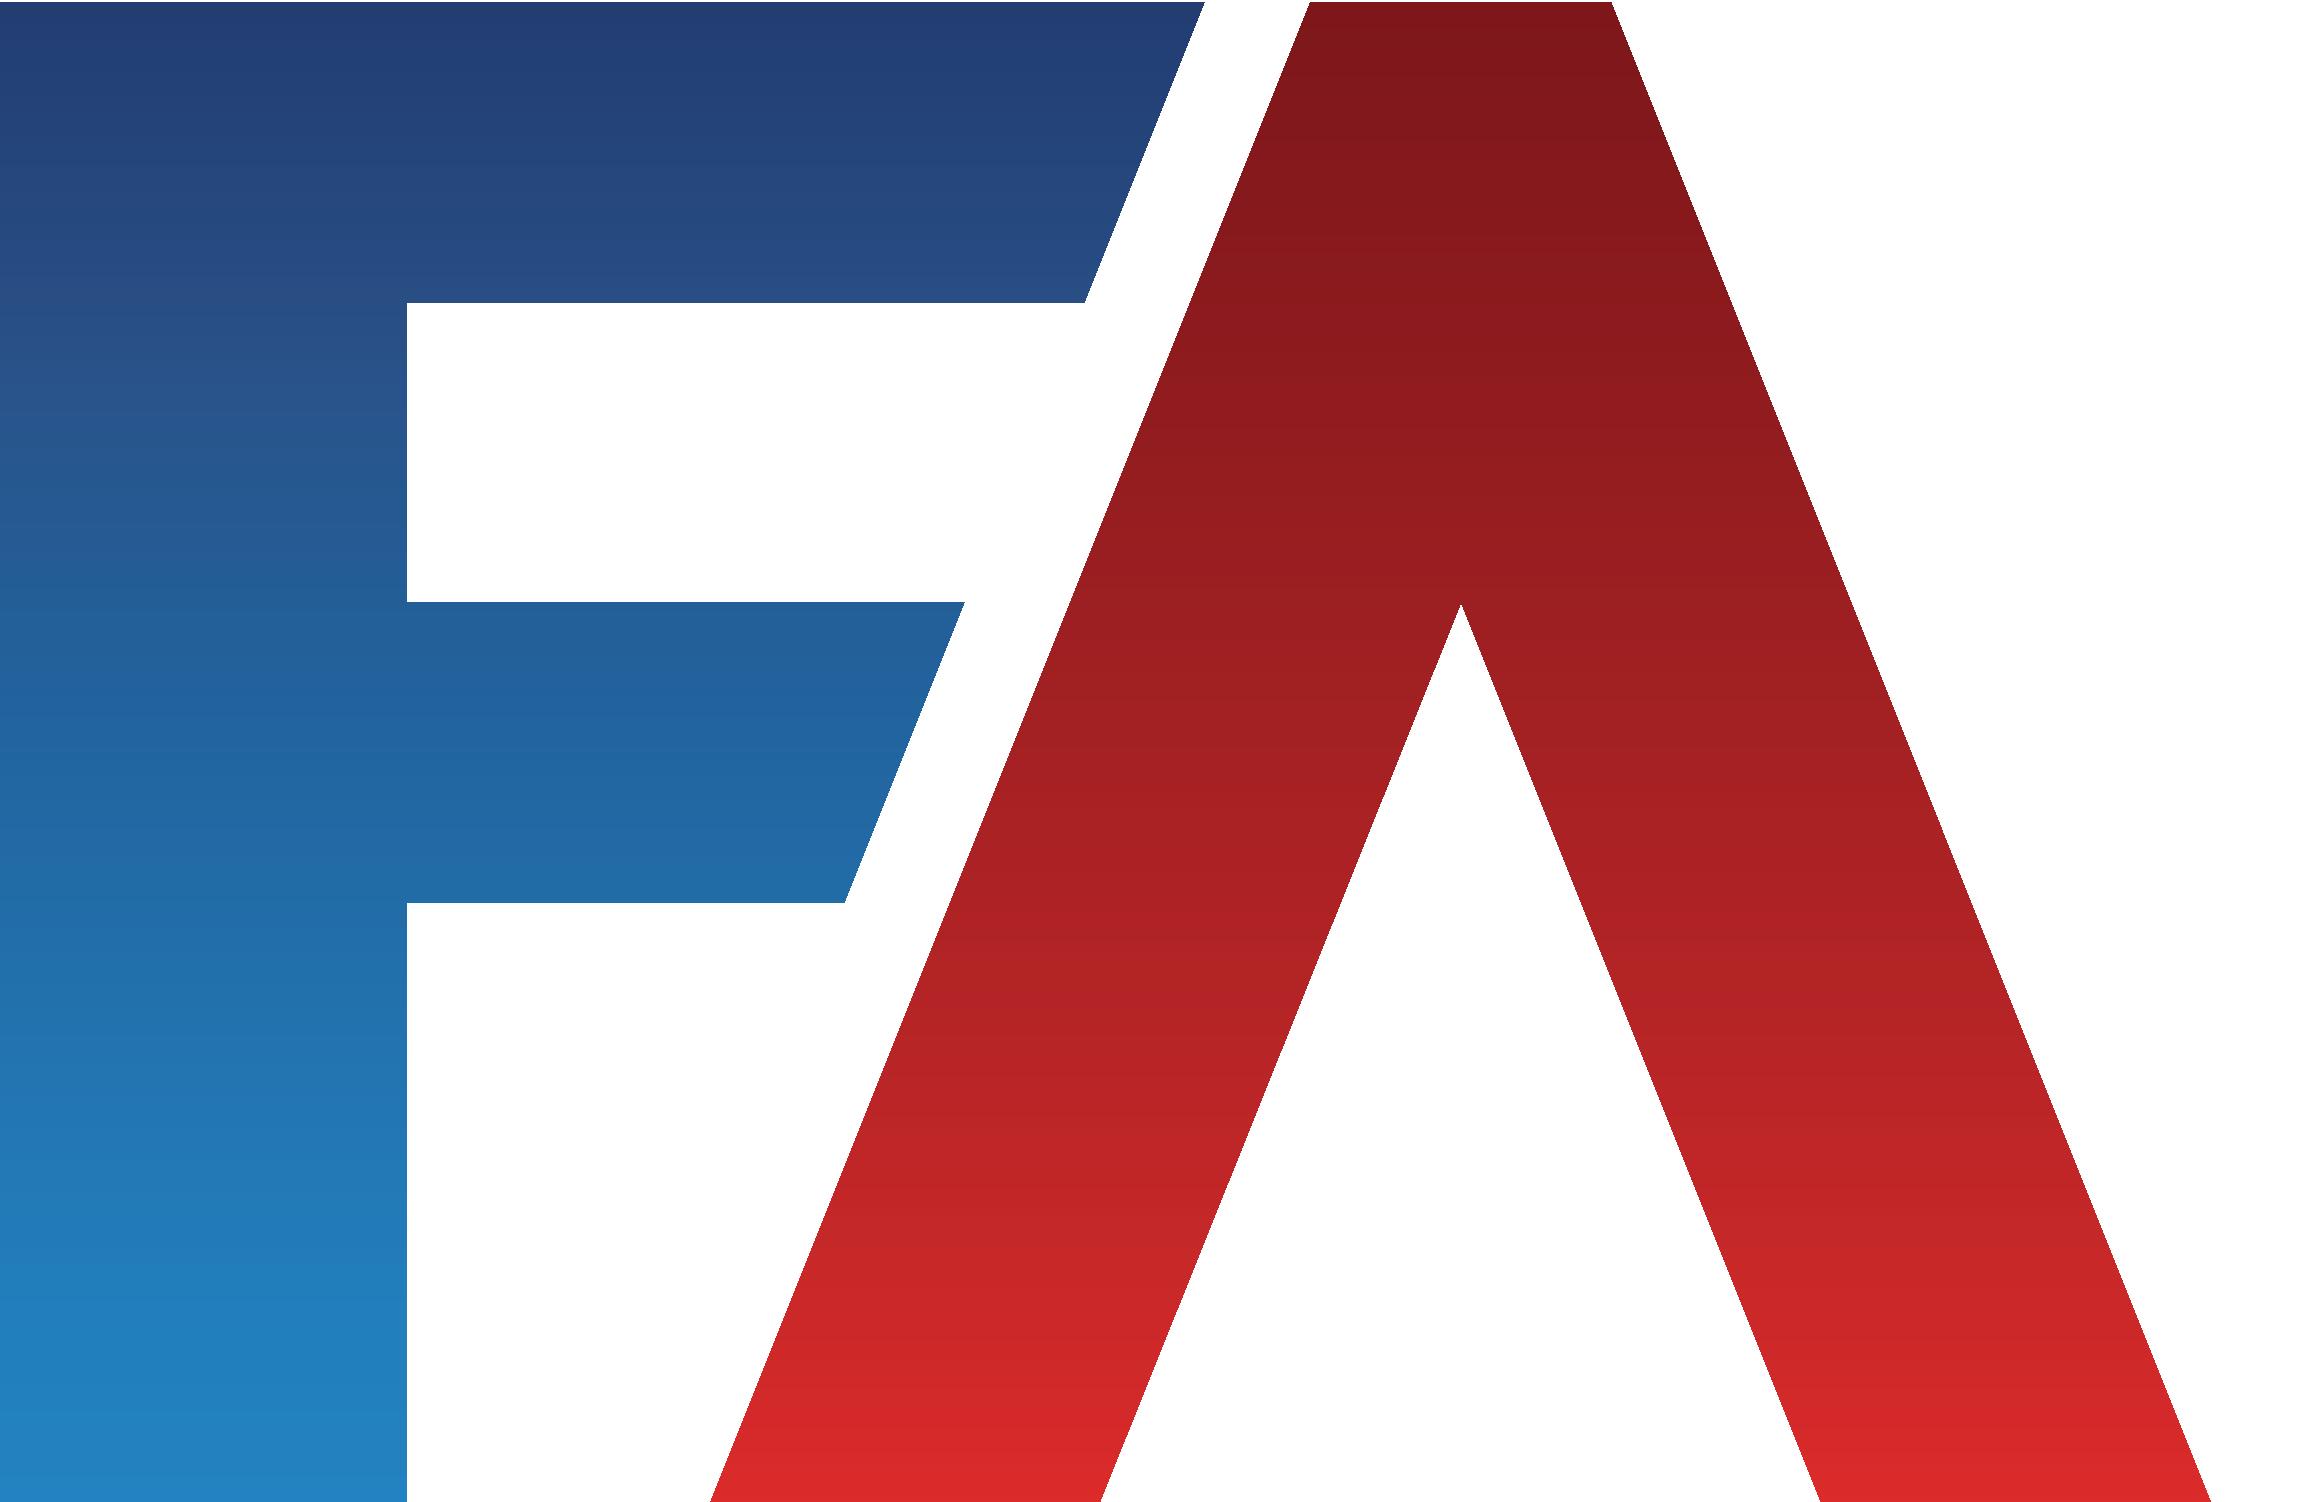 Seahawks | FantasyAlarm.com